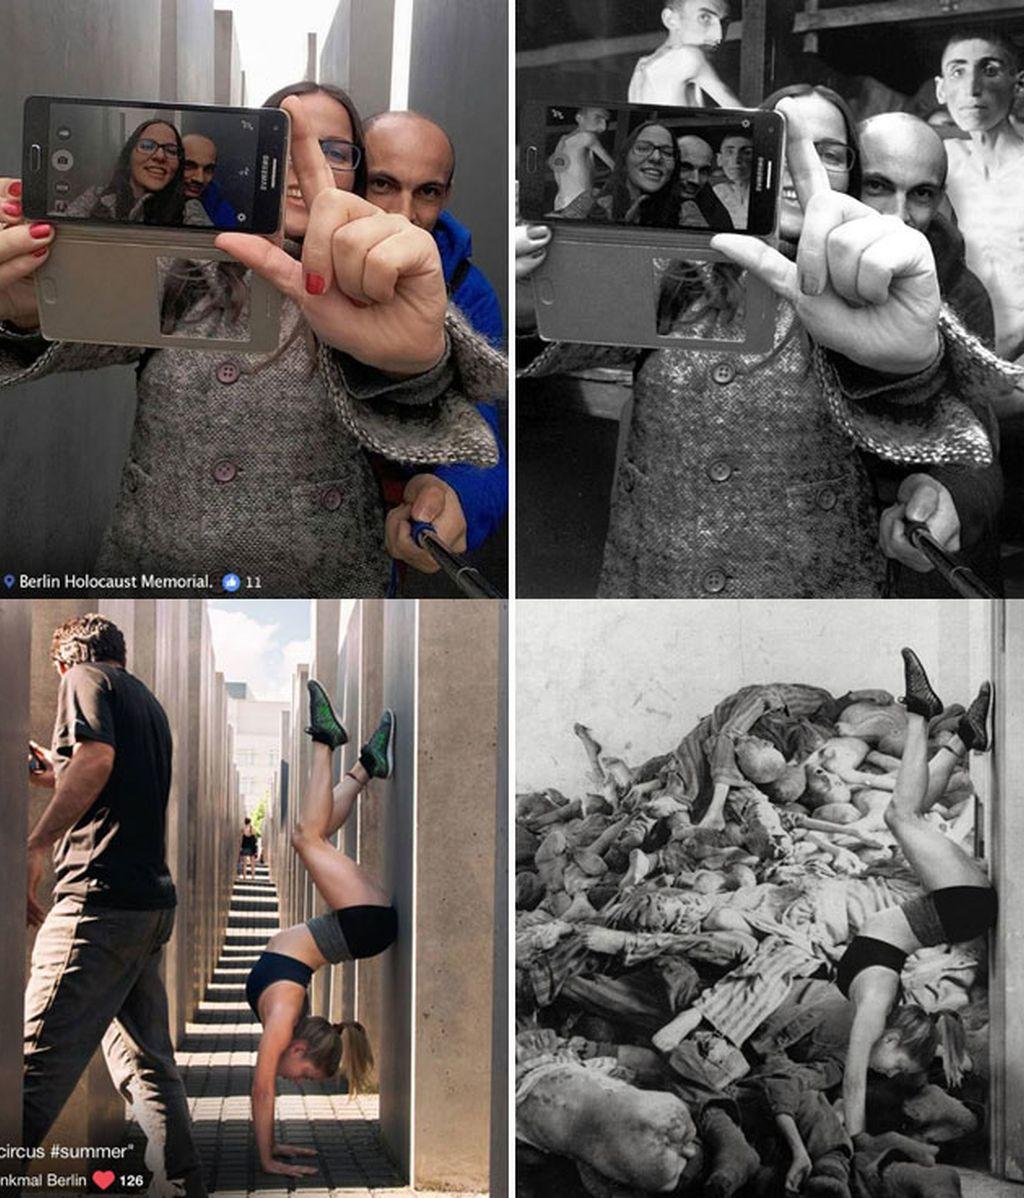 Crítica a los selfies en Monumento Holocausto